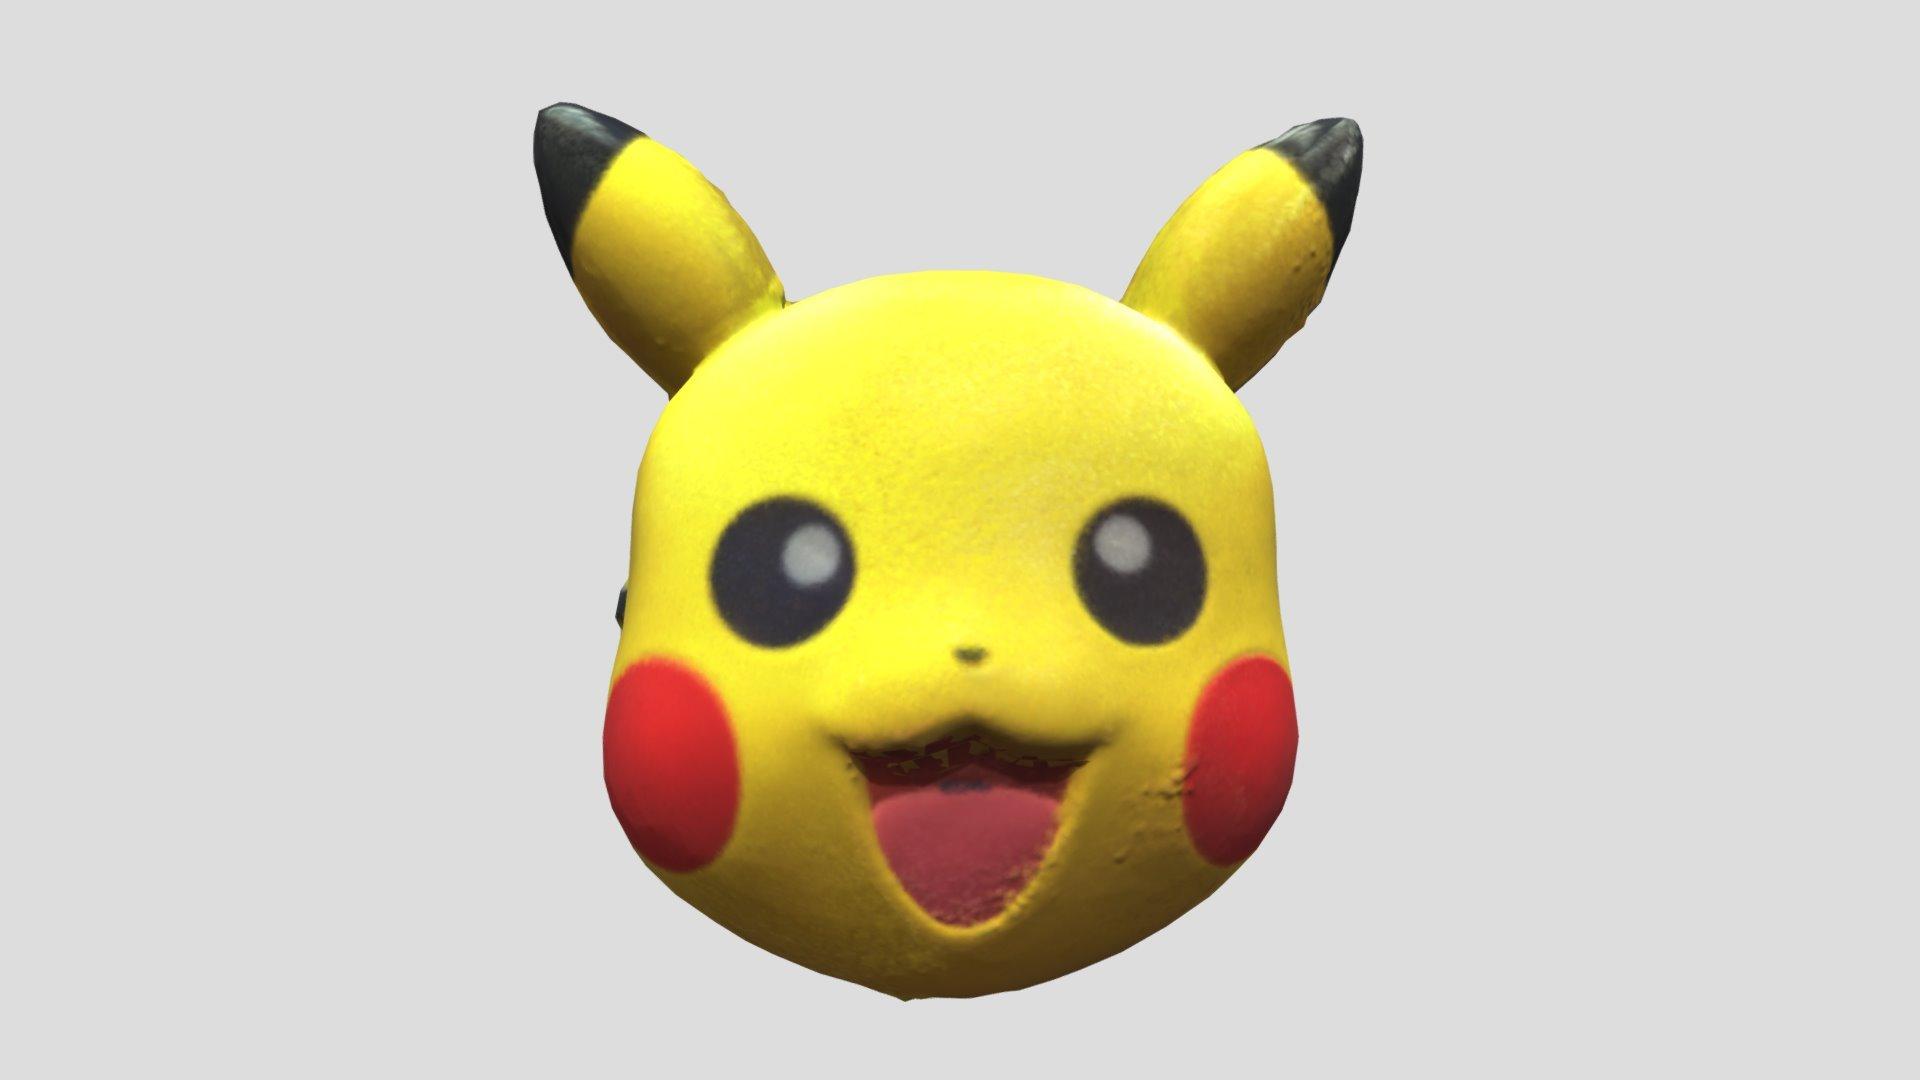 Pikachu Mask (Pokemon)